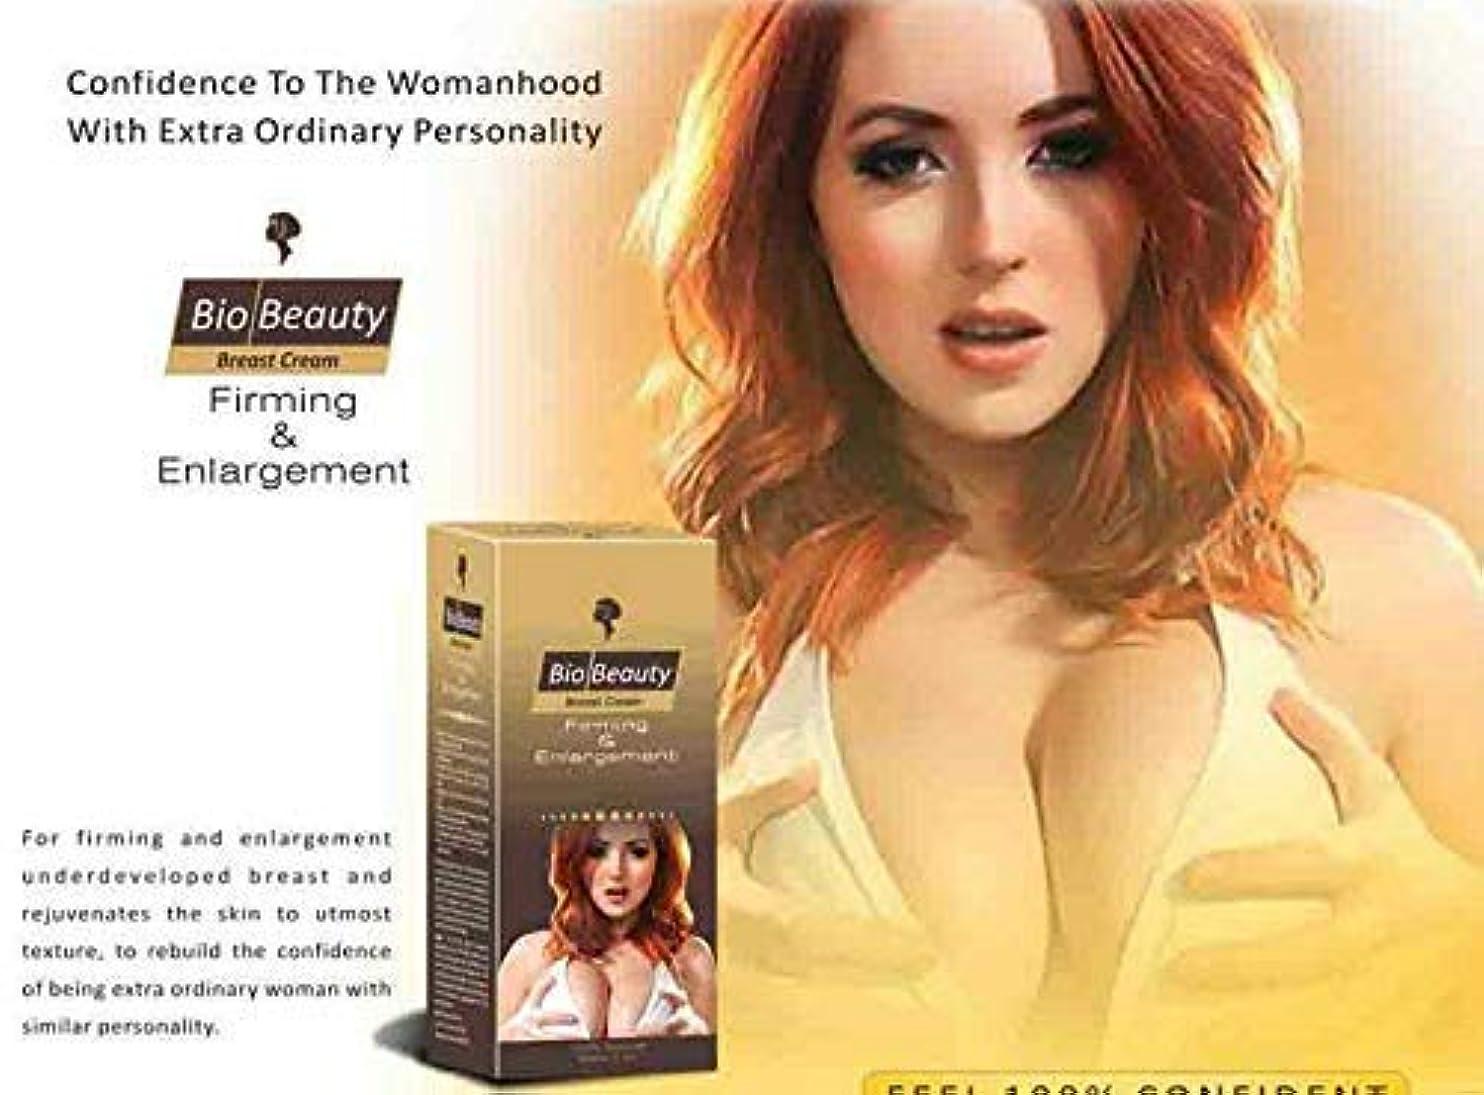 降雨カイウス逃げるHerbal Breast Tightening Gel Bust Tight Trimming Firming Cream 60 gram ハーバルブレストタイトニングジェルバストタイトトリミングファーミングクリーム